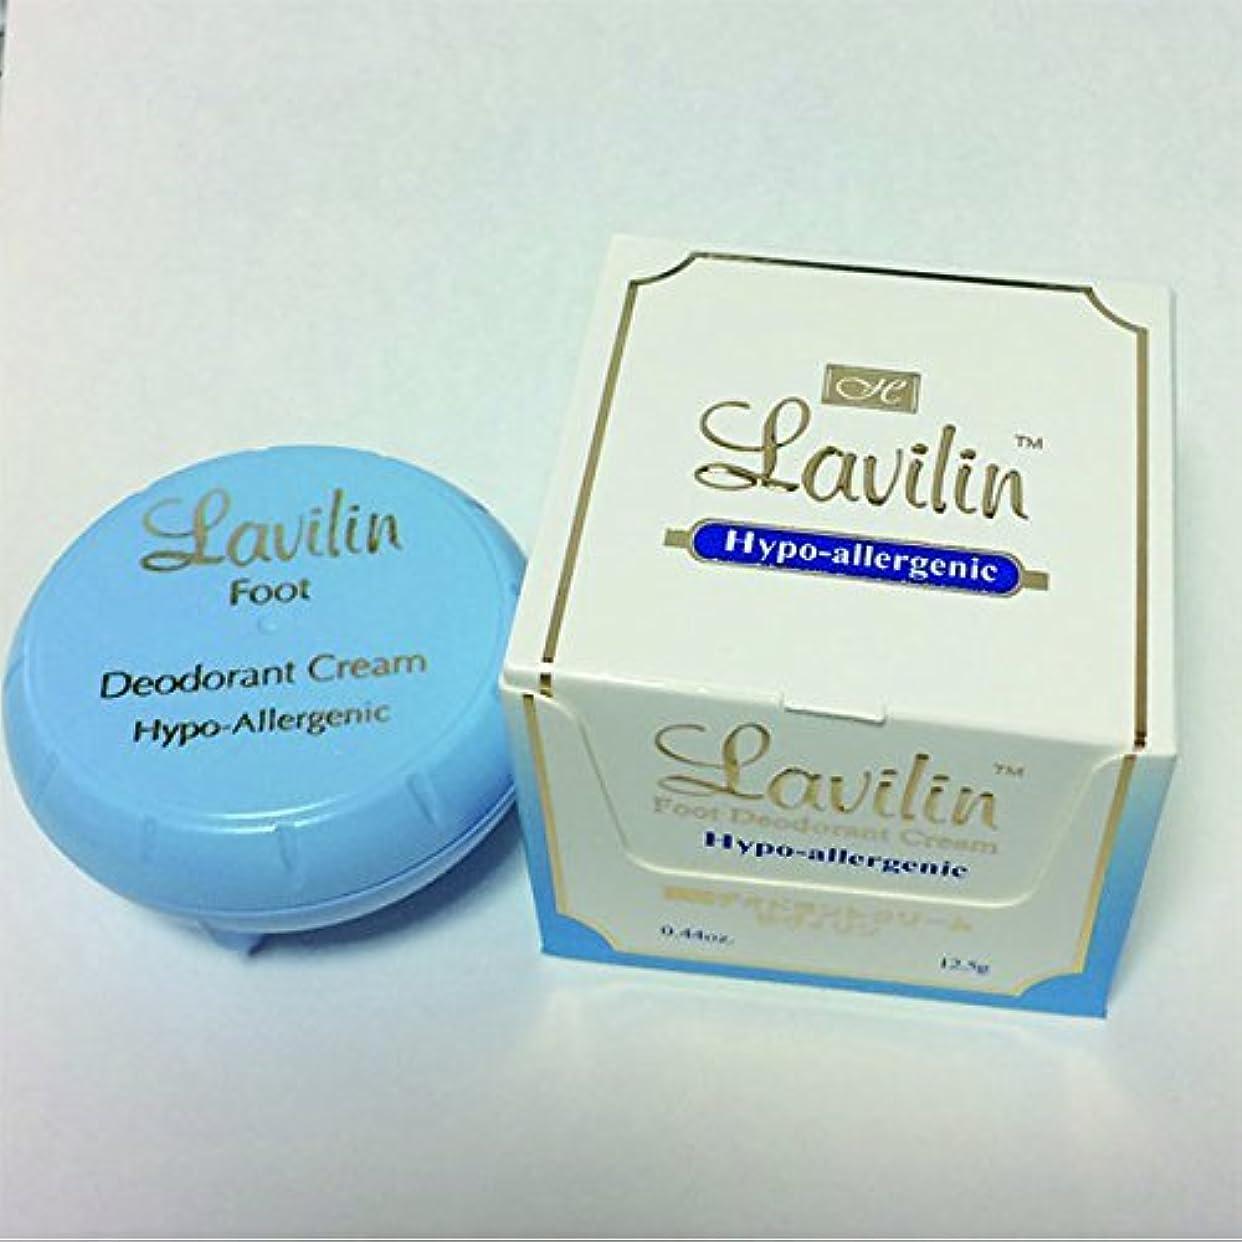 効能混乱させるテストラヴィリン 薬用 フットクリーム 12.5g 足の臭い匂い予防 デオドラントクリーム lavilin ラビリン